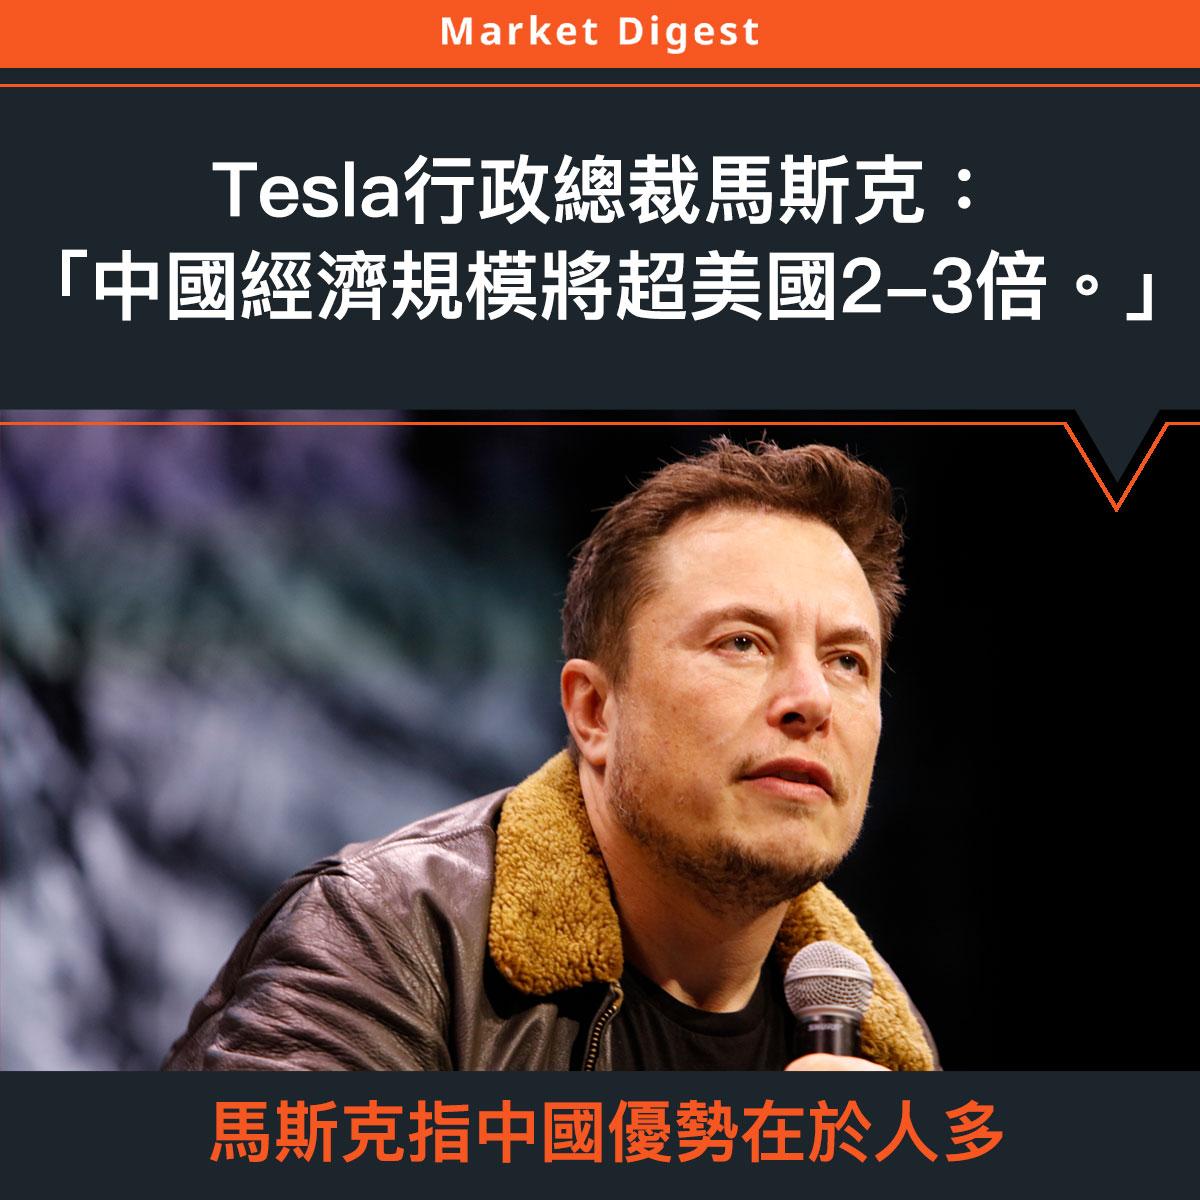 【市場熱話】Tesla行政總裁馬斯克:「中國經濟規模將超美國2-3倍。」